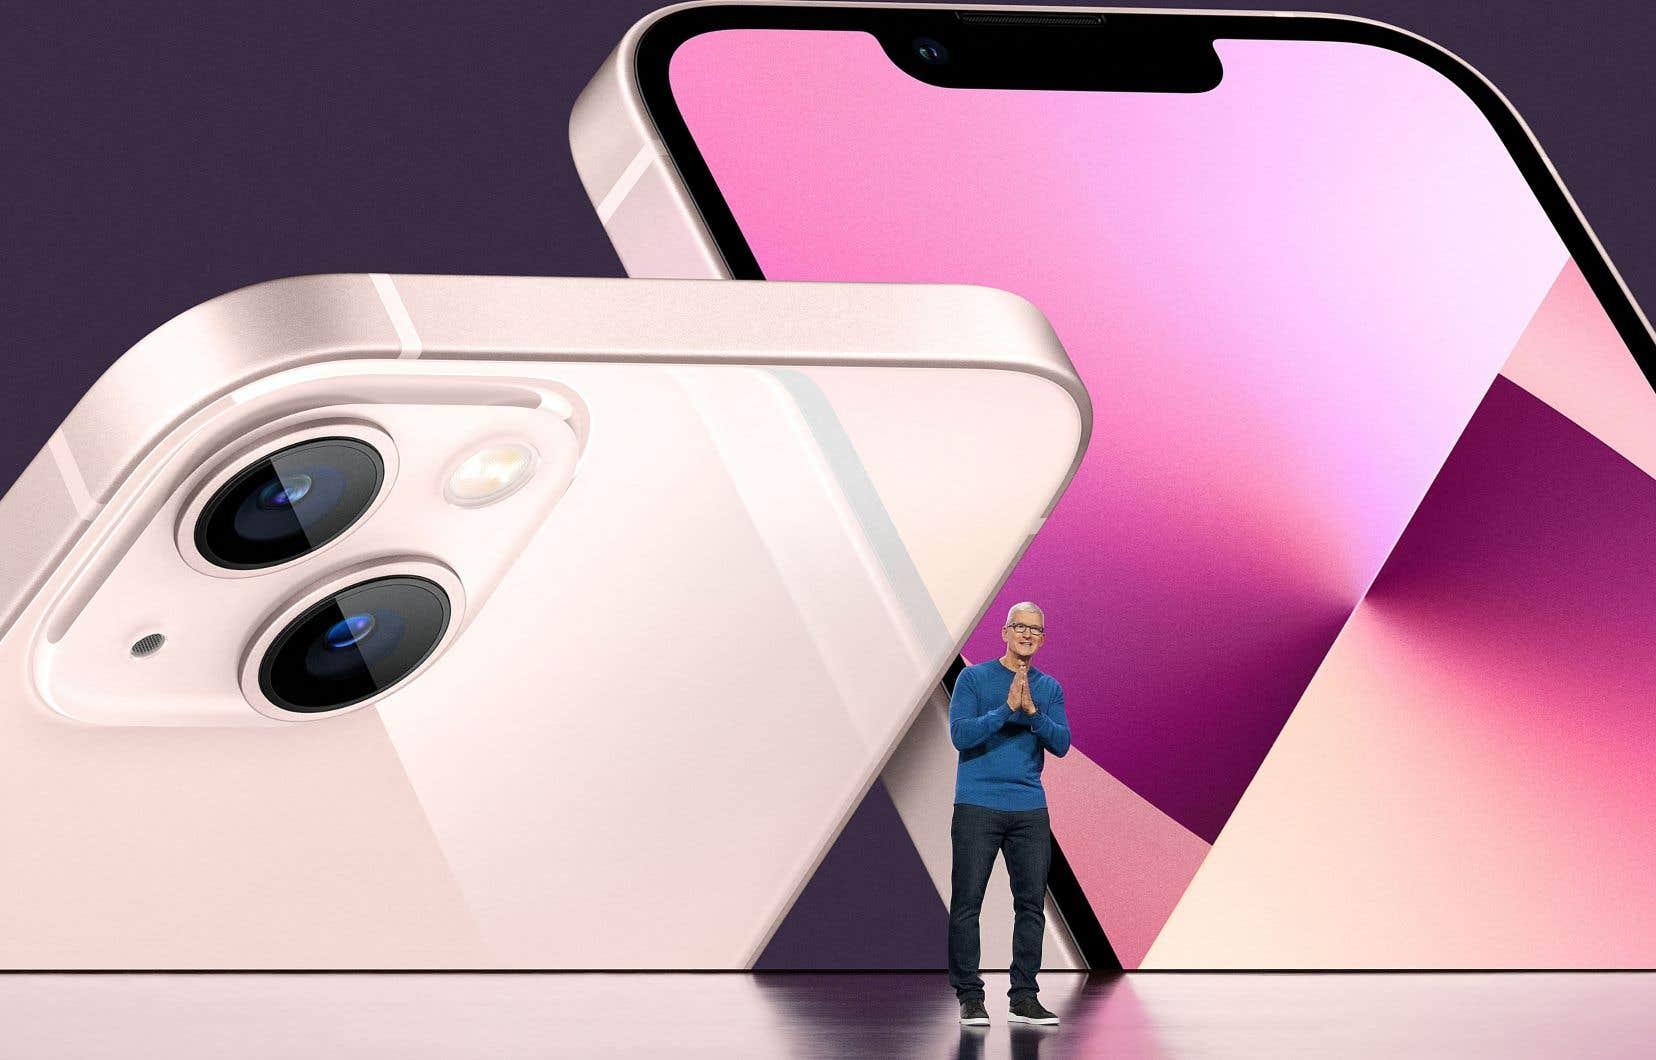 Le p.-d.g. d'Apple, Tim Cook, a présenté mardi les quatre modèles d'iPhone 13 qui seront mis sur le marché cet automne et qui comprendront notamment un processeur plus performant que son prédécesseur.